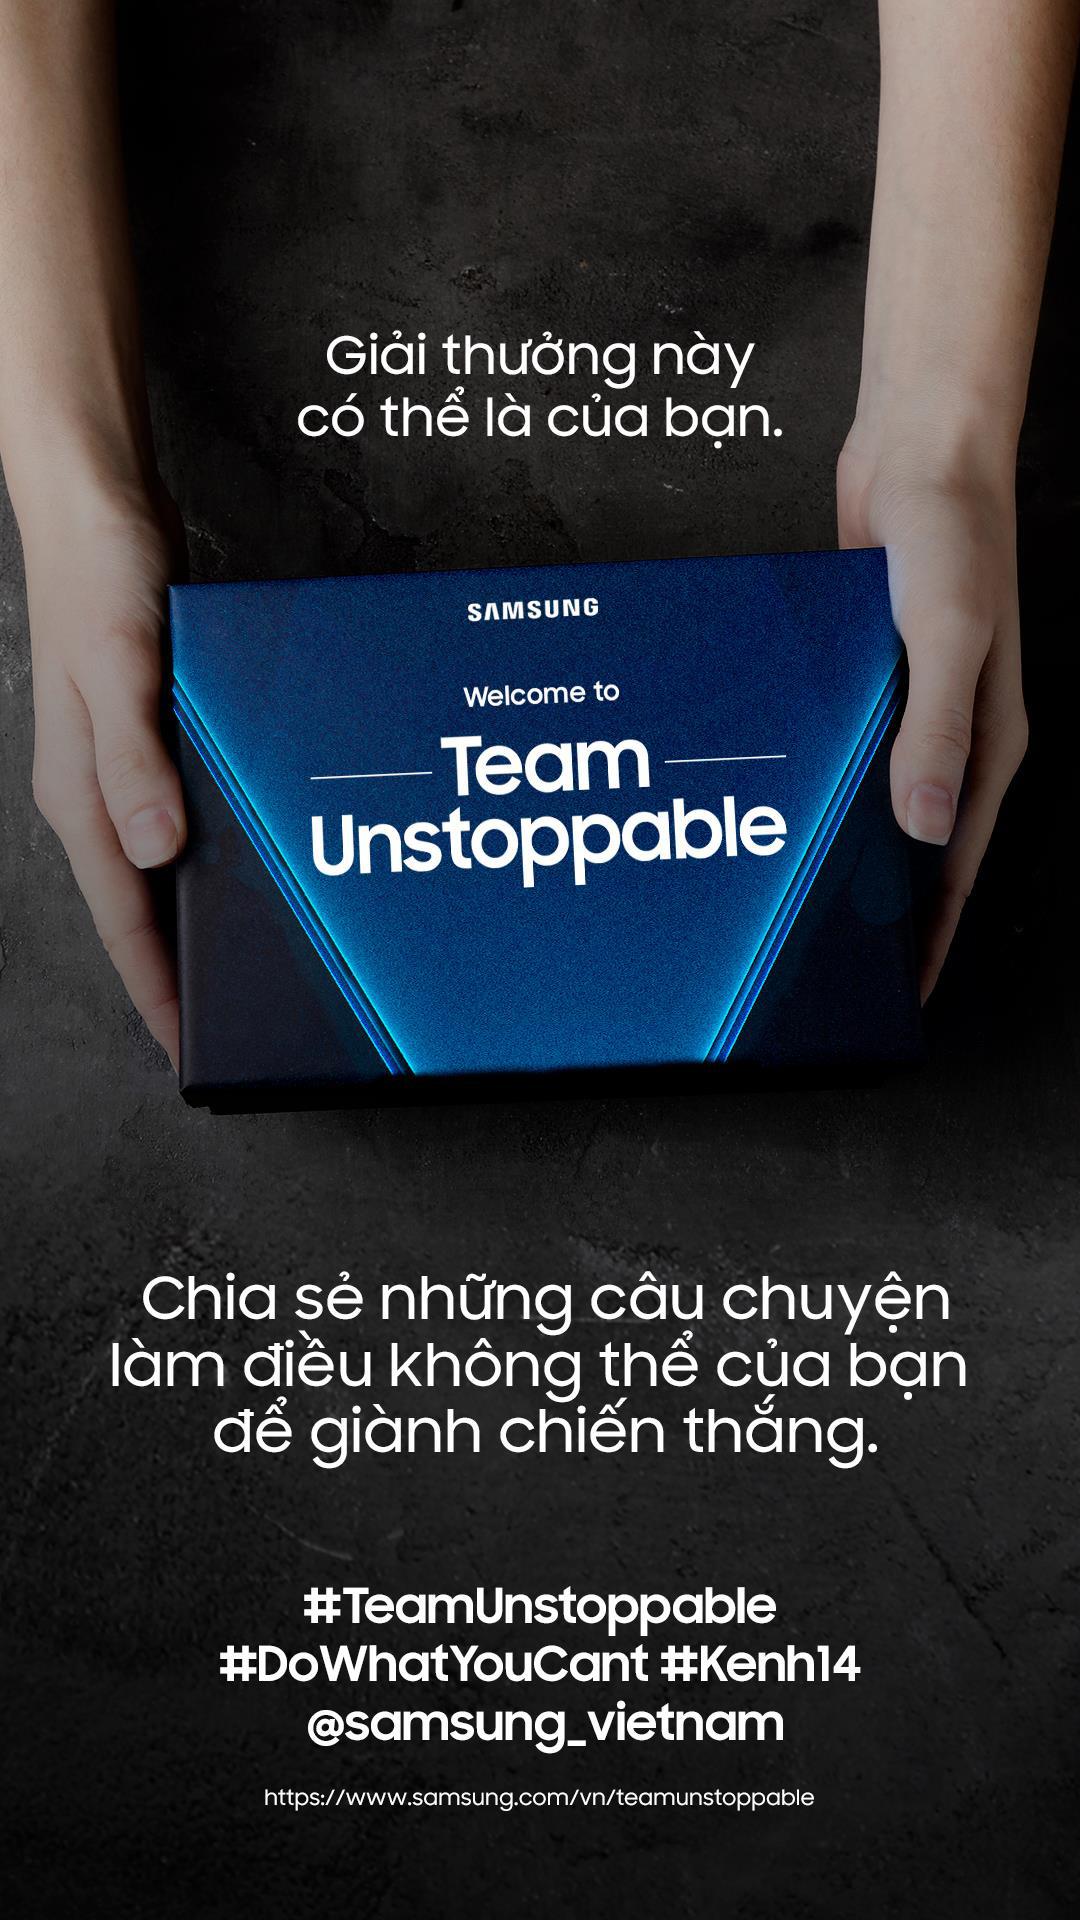 Thử thách cực hot vừa đổ bộ: #TeamUnstoppable - Gen Z nói về những điều không thể! - Ảnh 3.